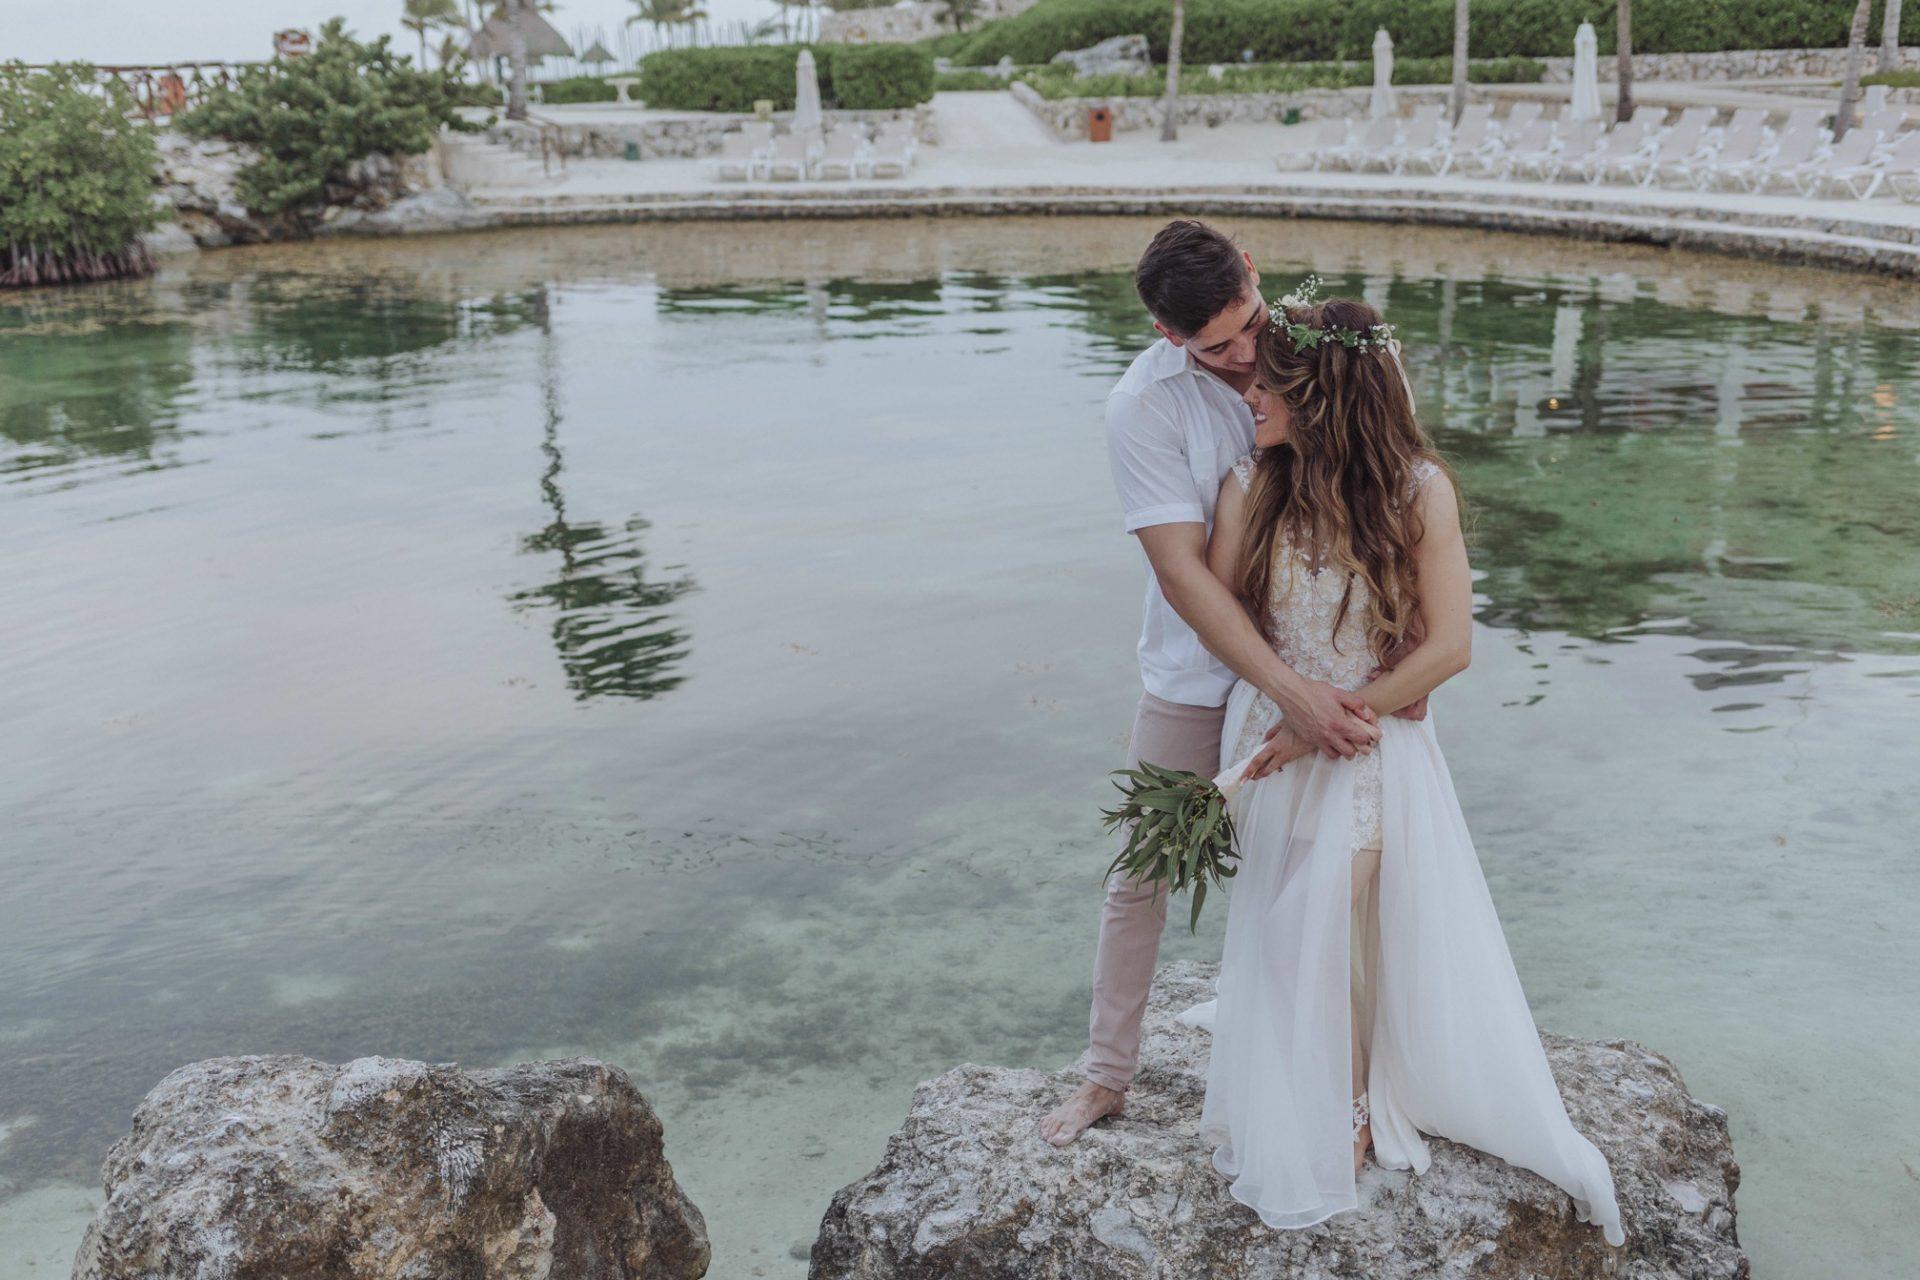 fotografo_bodas_profesional_zacatecas_riviera_maya_cancun-129